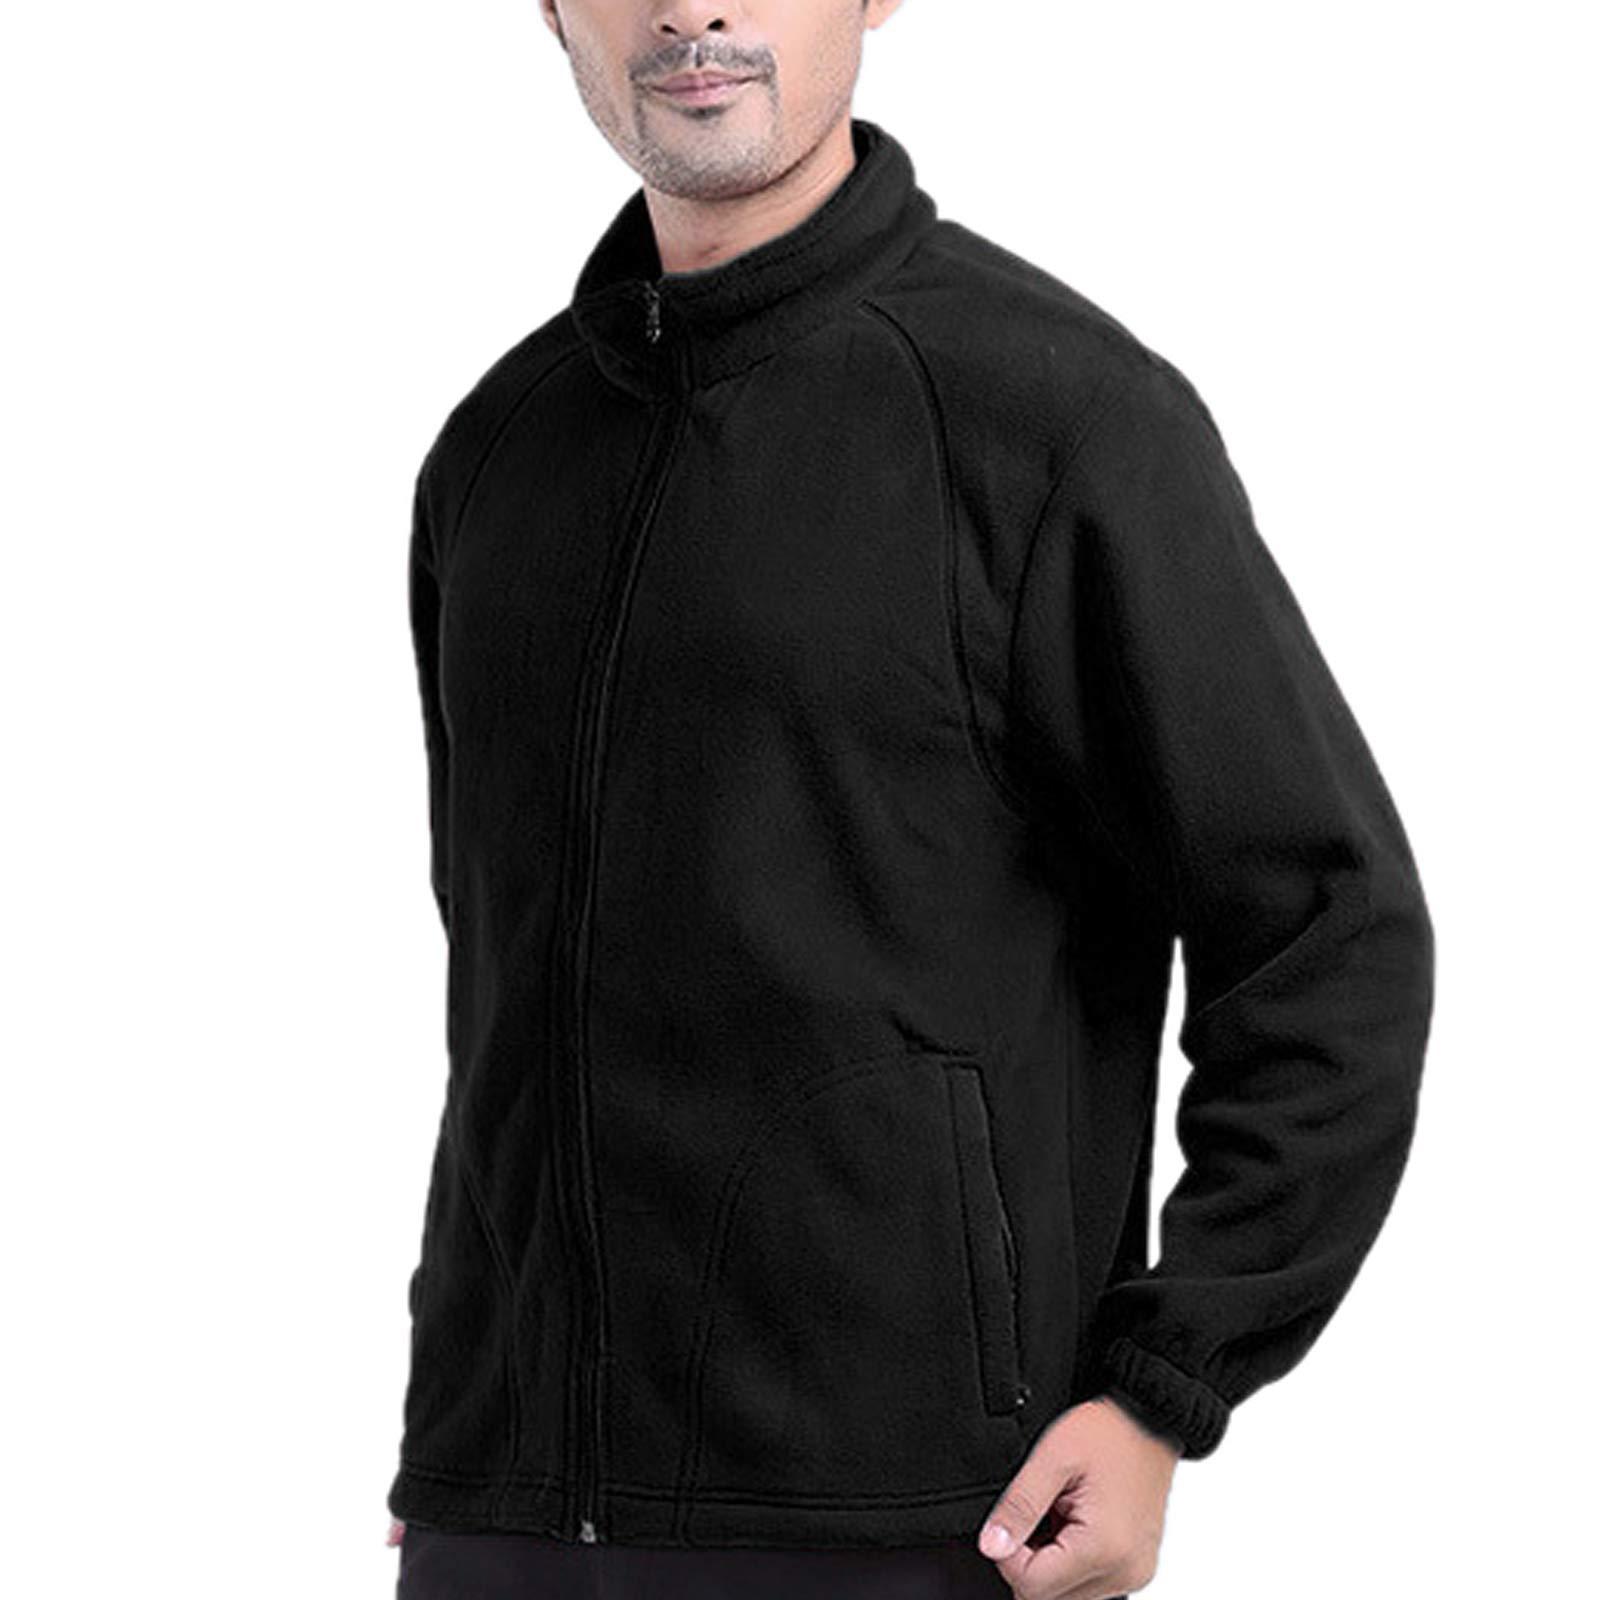 Elonglin Mens Fleece Jacket Full Zip Stand Collar Sportwear Top Outwear Black1 Bust 44.8''(Asie L) by Elonglin